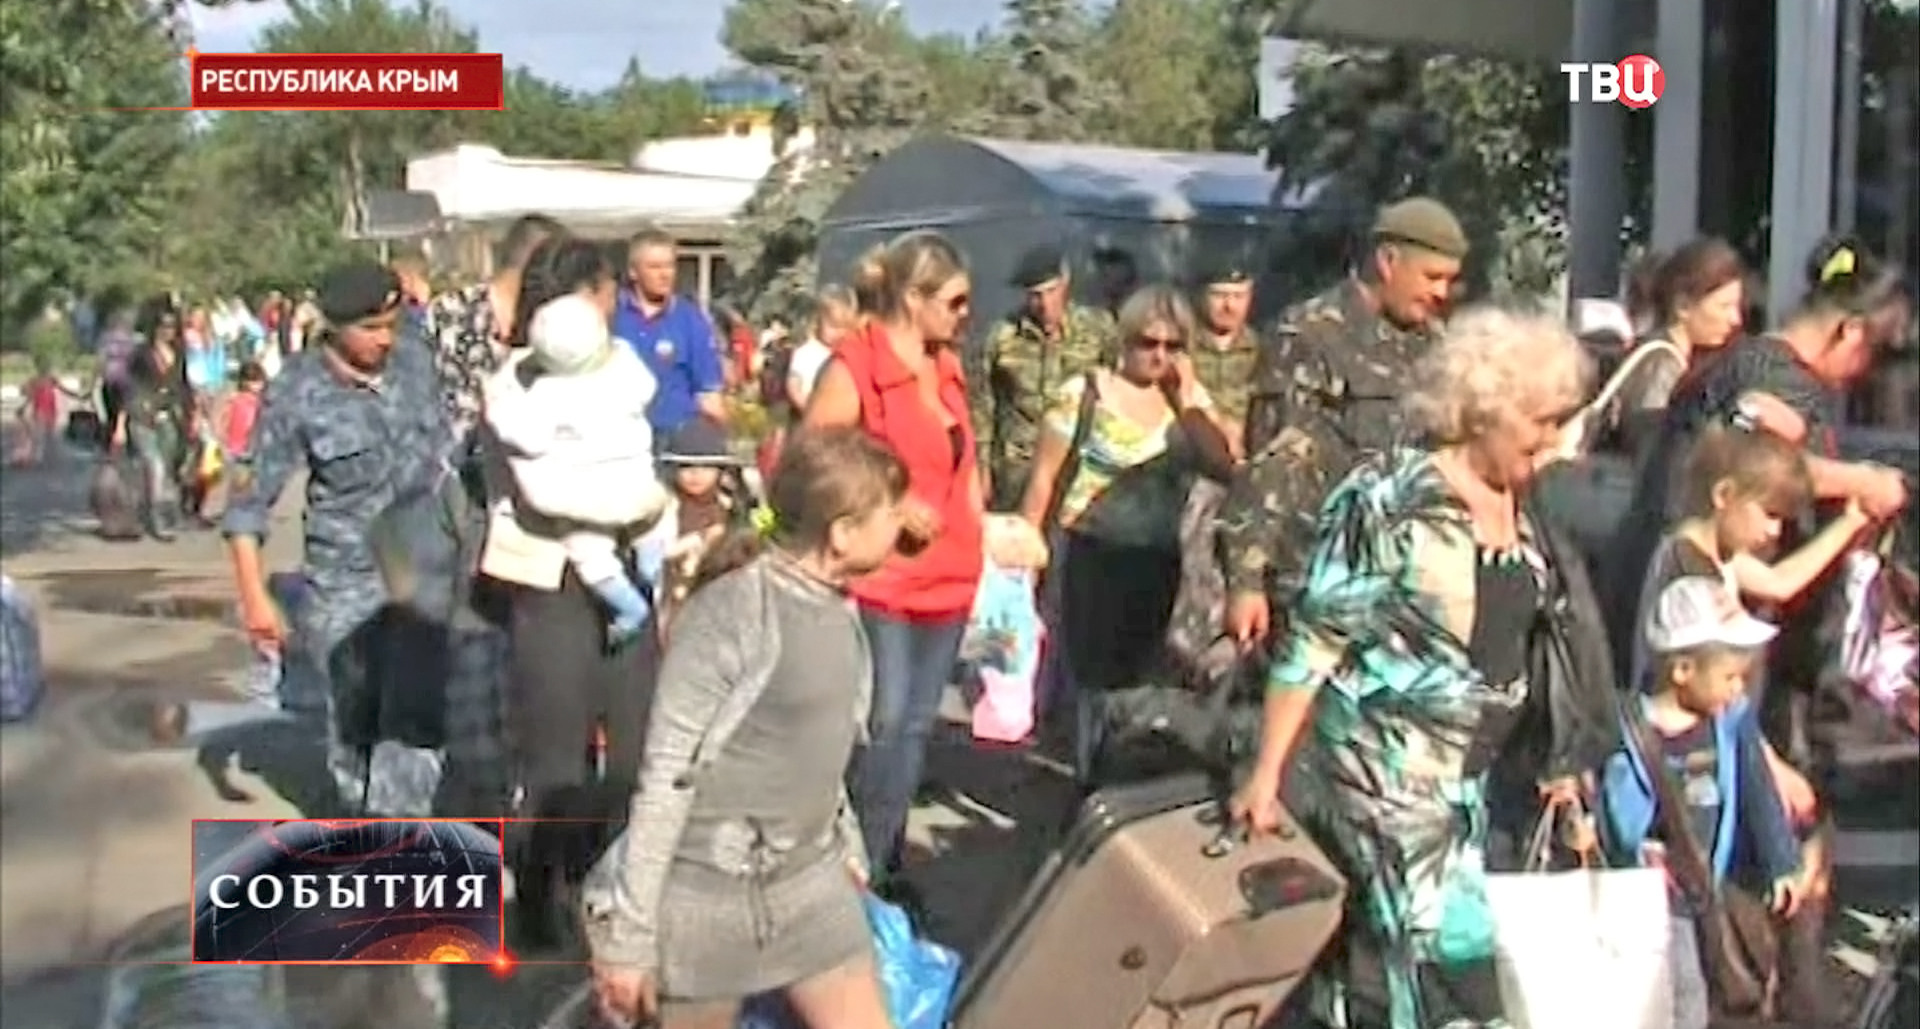 Беженцы с Украины в Крыму